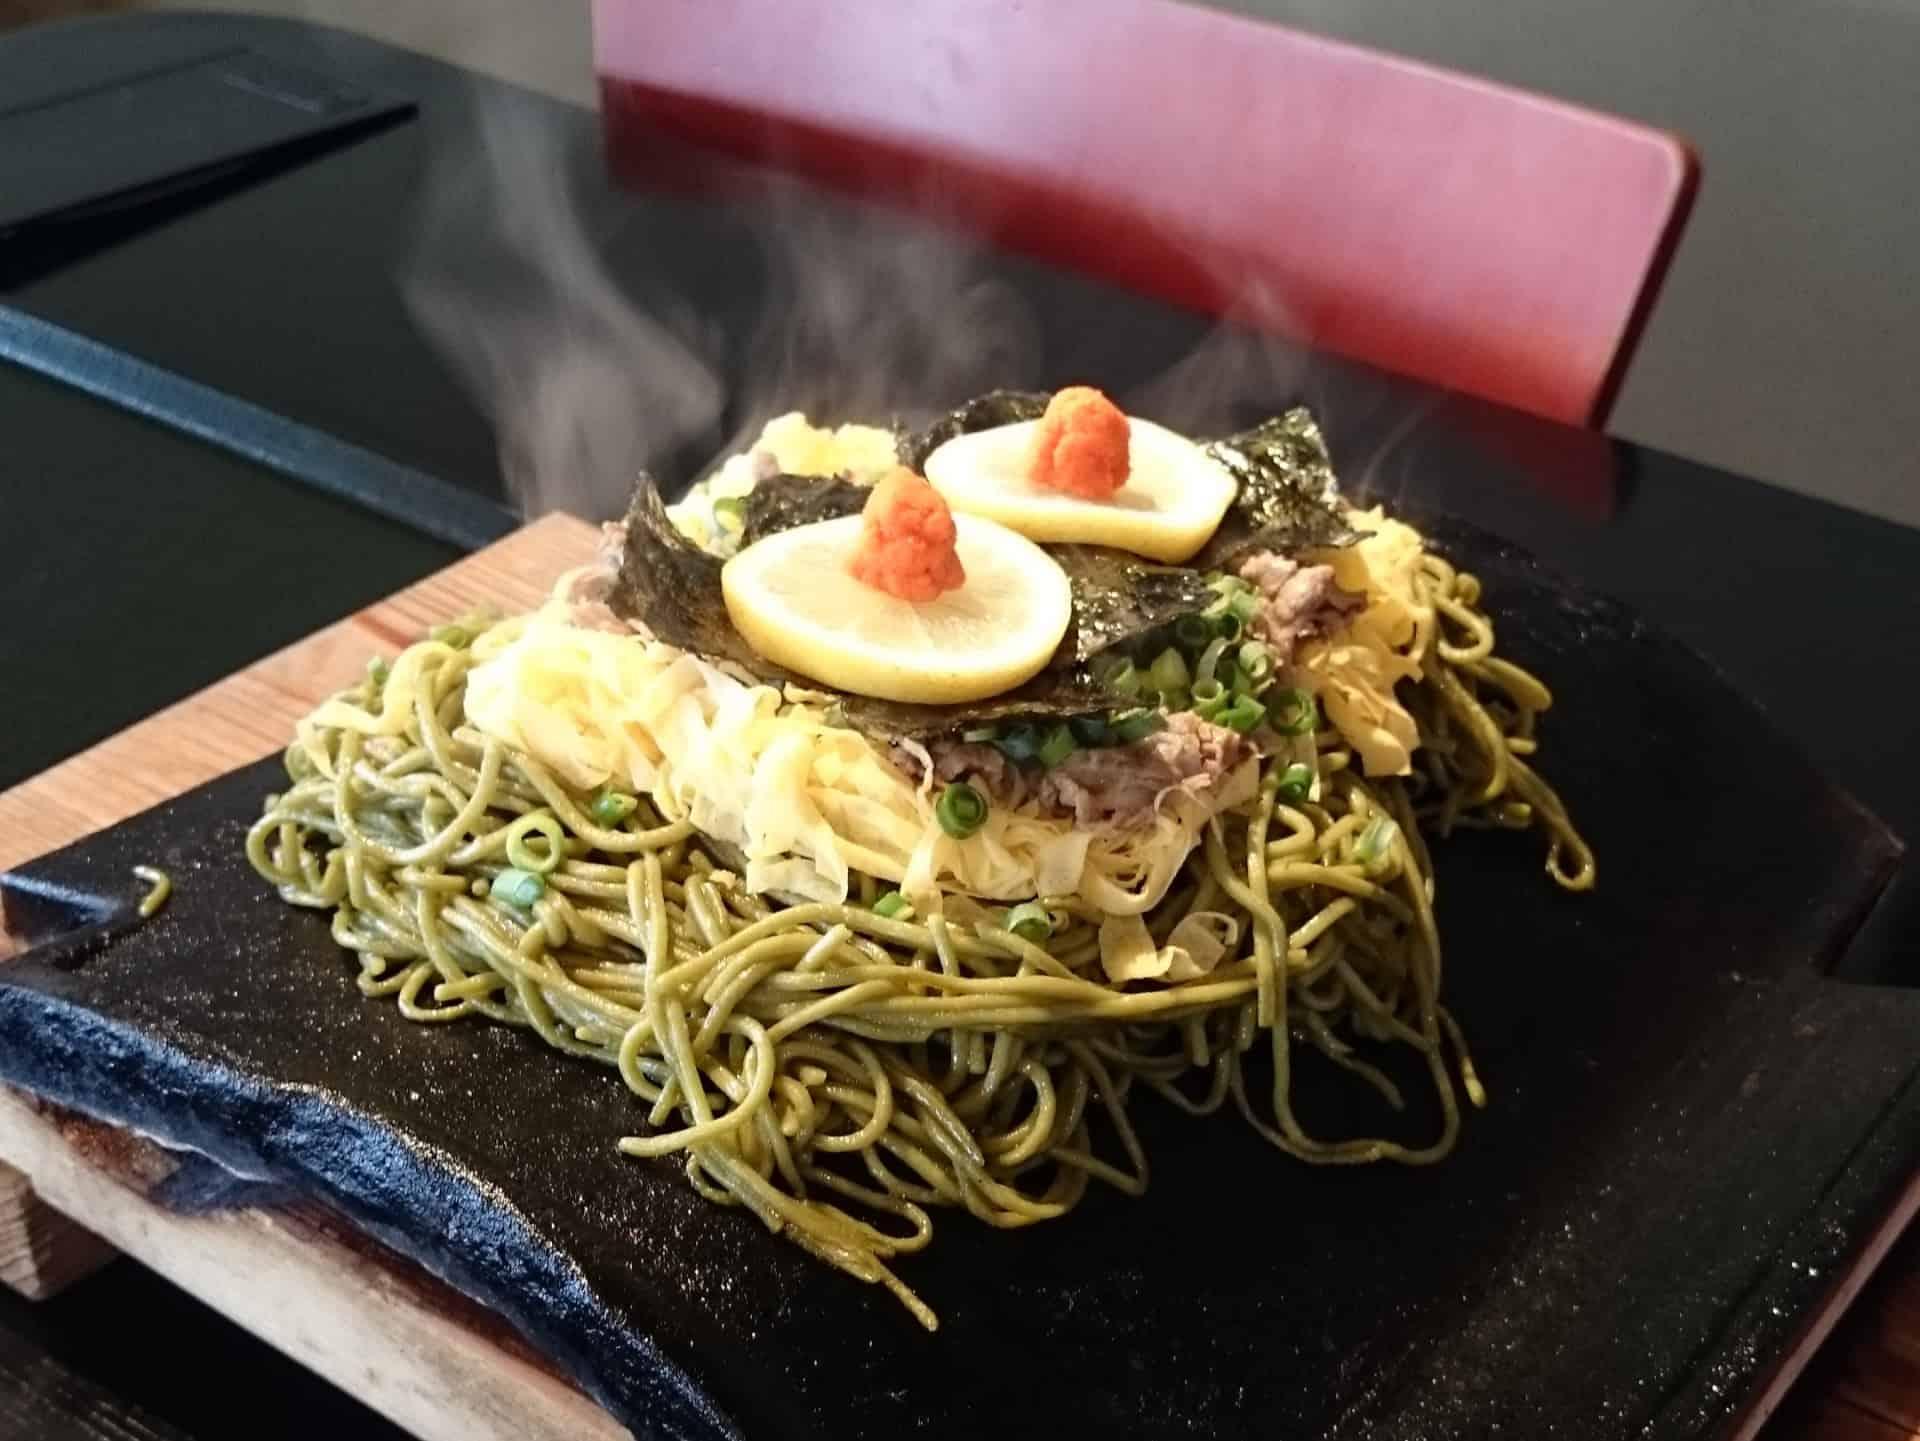 อาหารโลคอล จ.ยามากุจิ - คาวาระโซบะ (Kawara Soba)